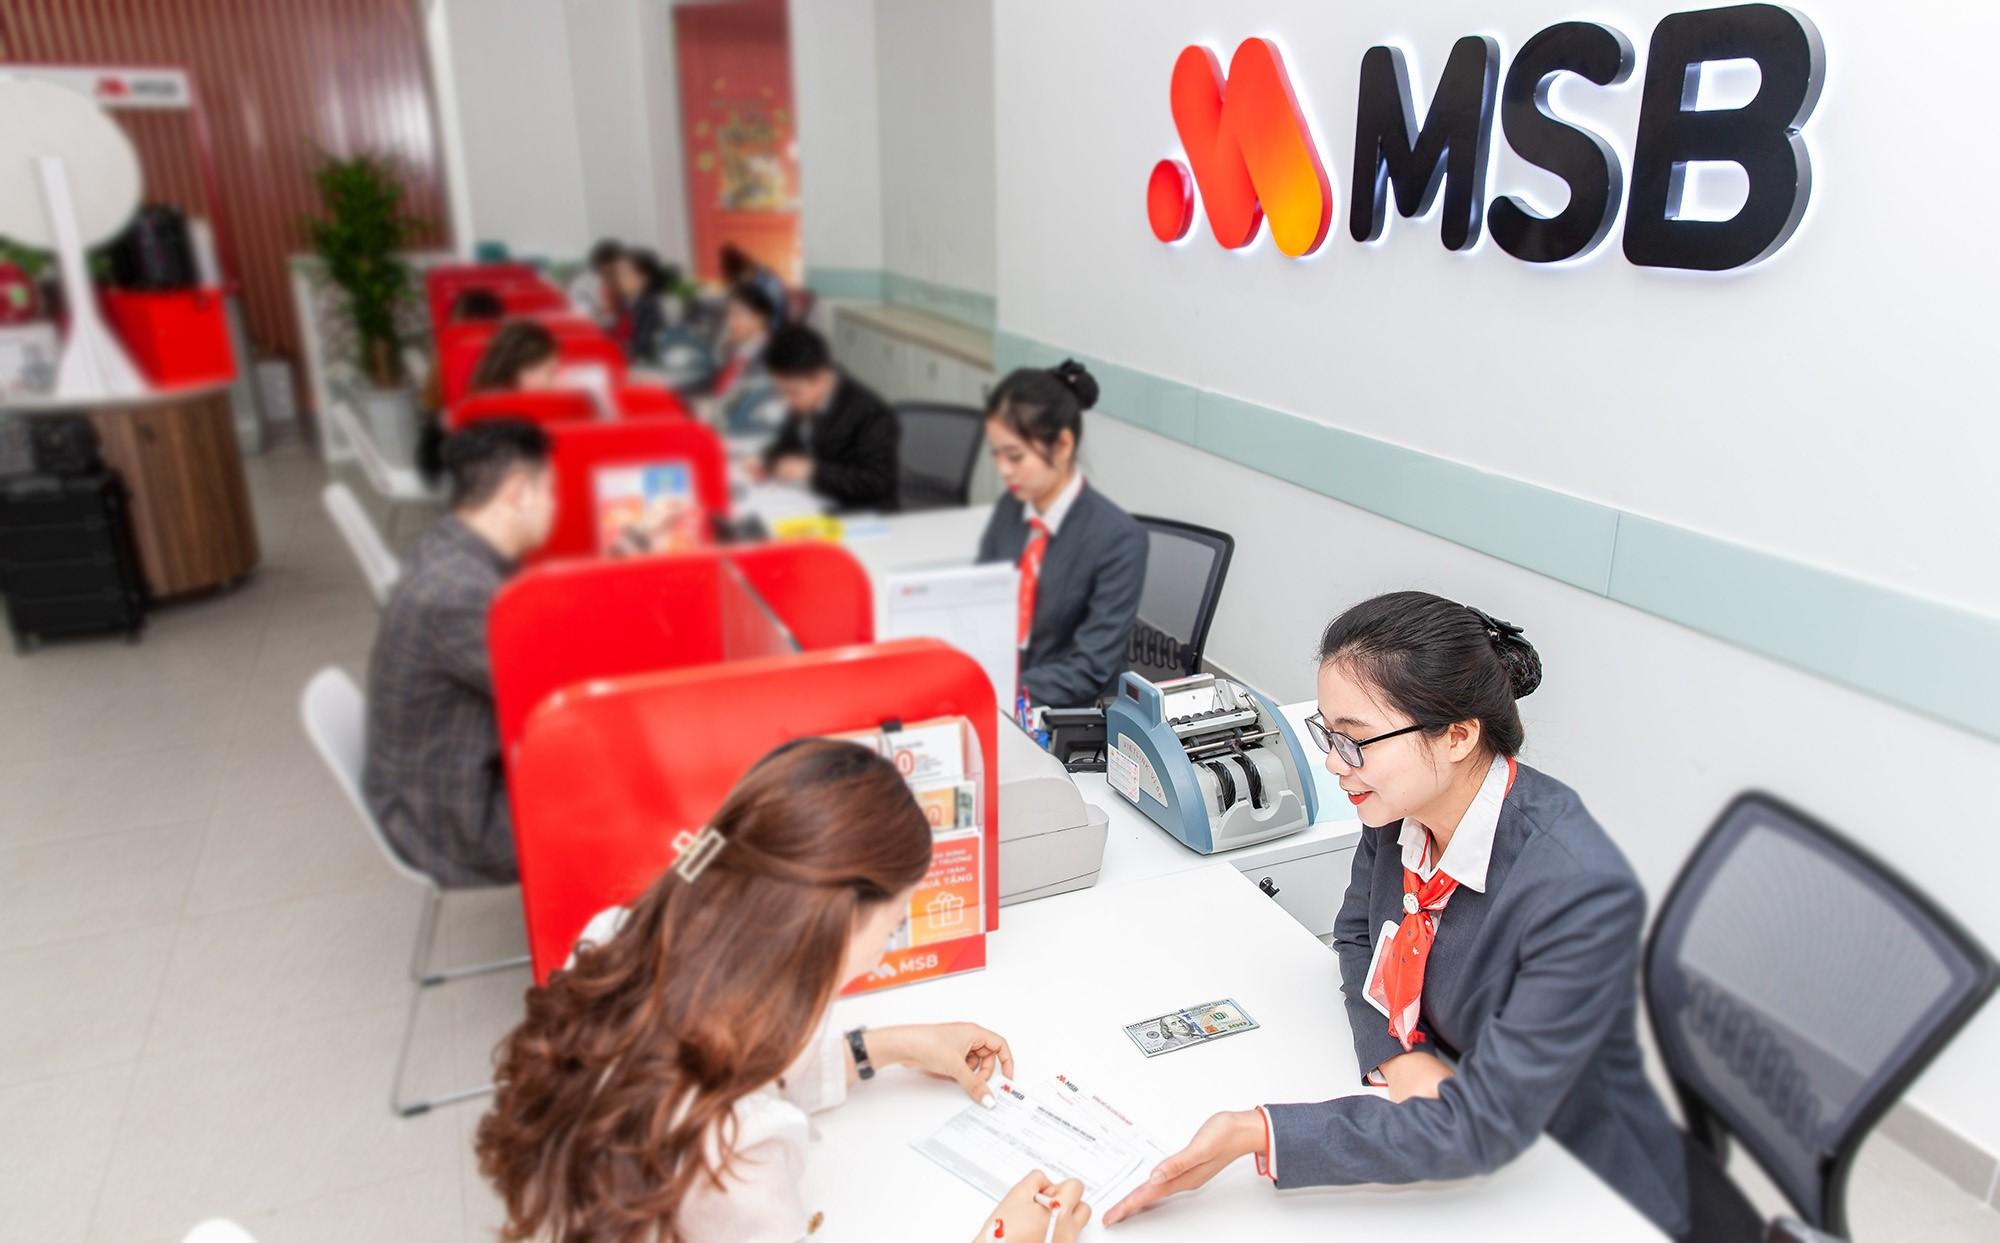 Lợi nhuận trước thuế vượt kế hoạch, MSB dự kiến chia cổ tức tối thiểu 15% - Ảnh 1.